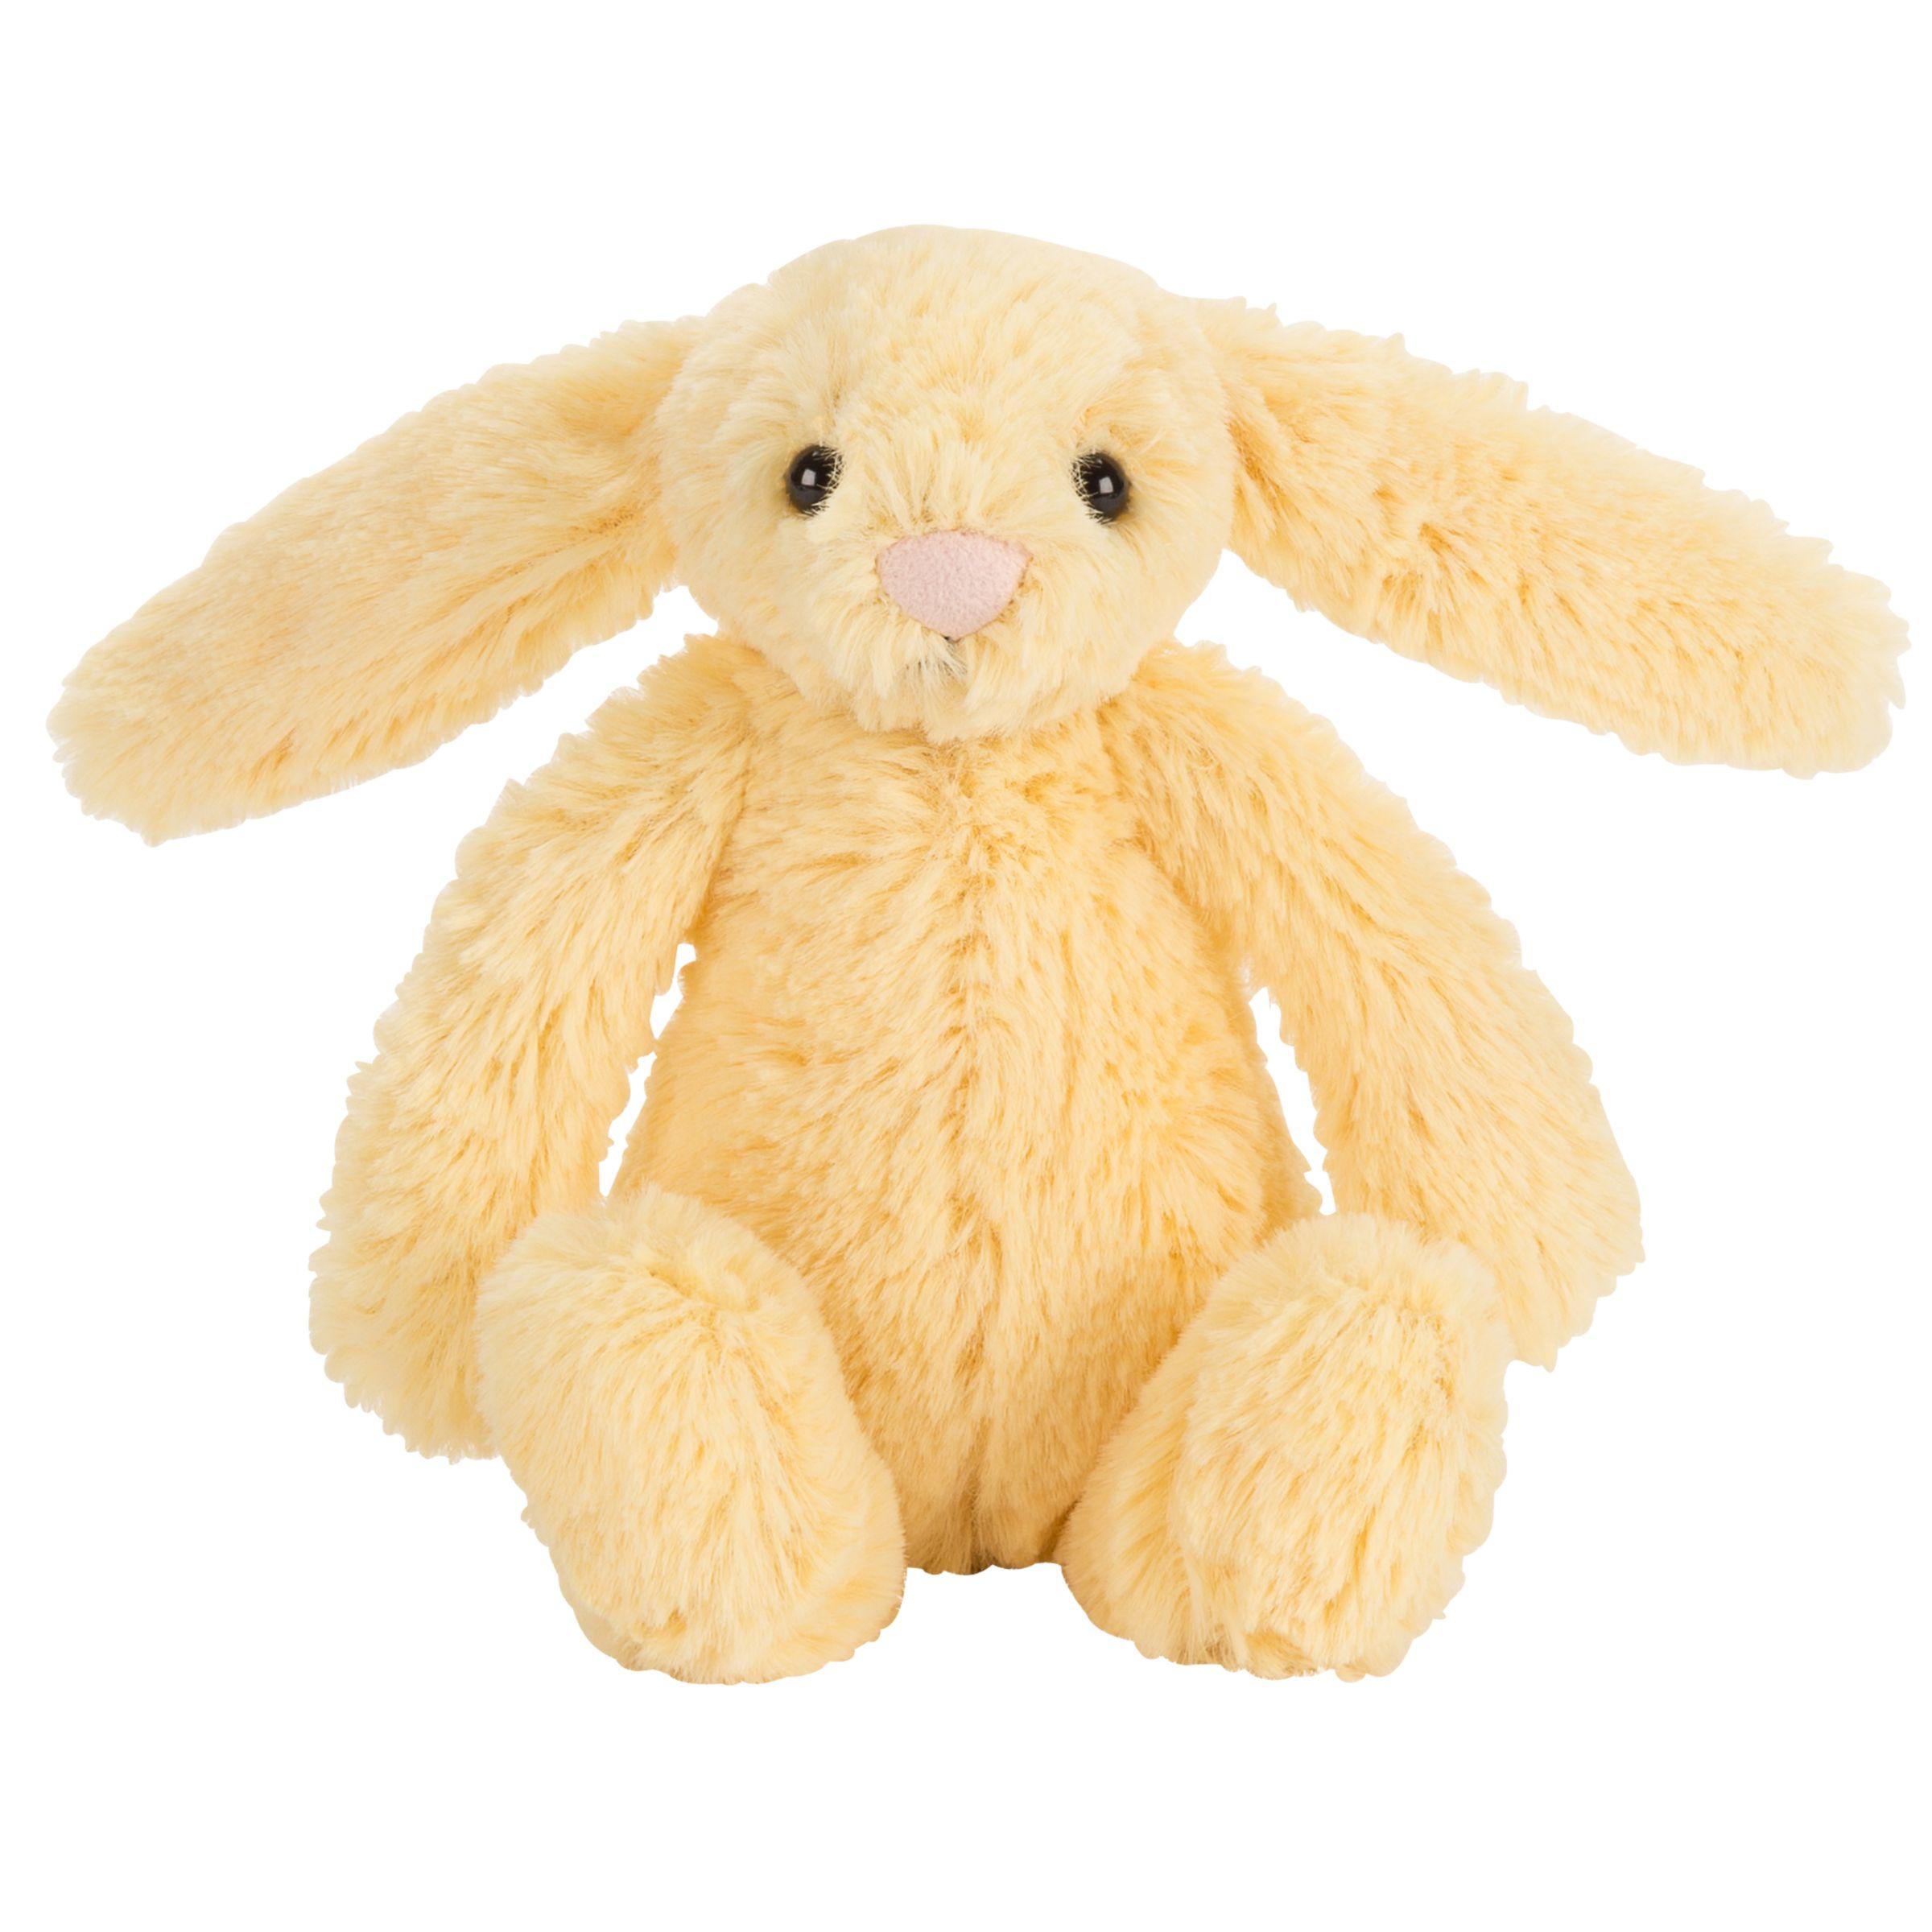 Jellycat bashful baby bunny soft toy lemon at john lewis negle Choice Image